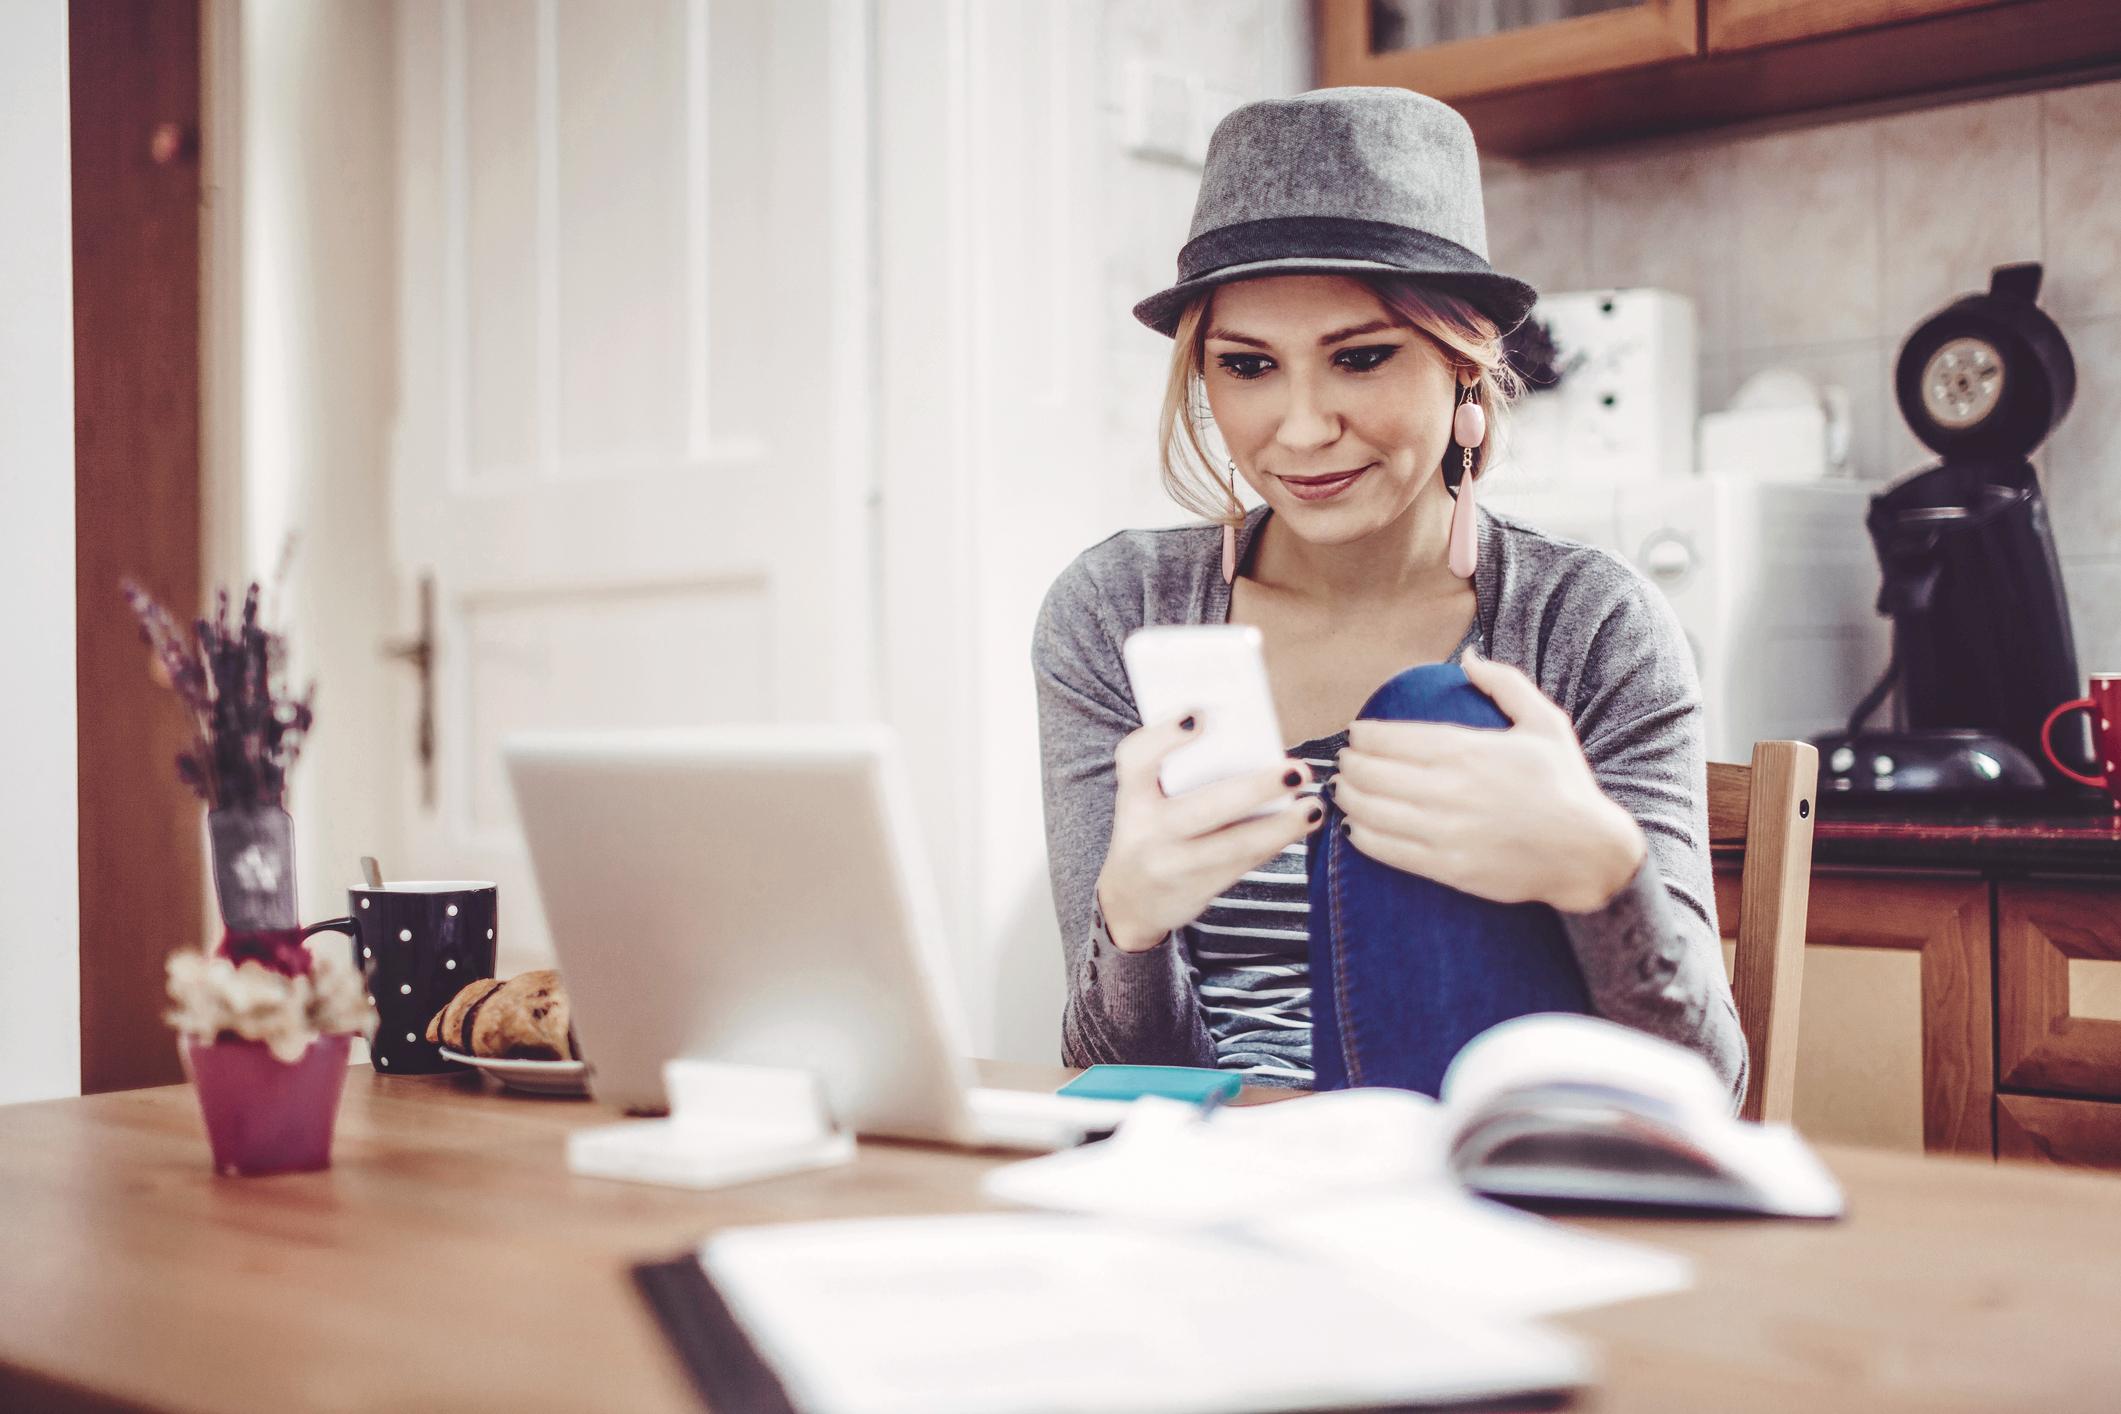 Junge Frau regelt Finanzen mit Handy